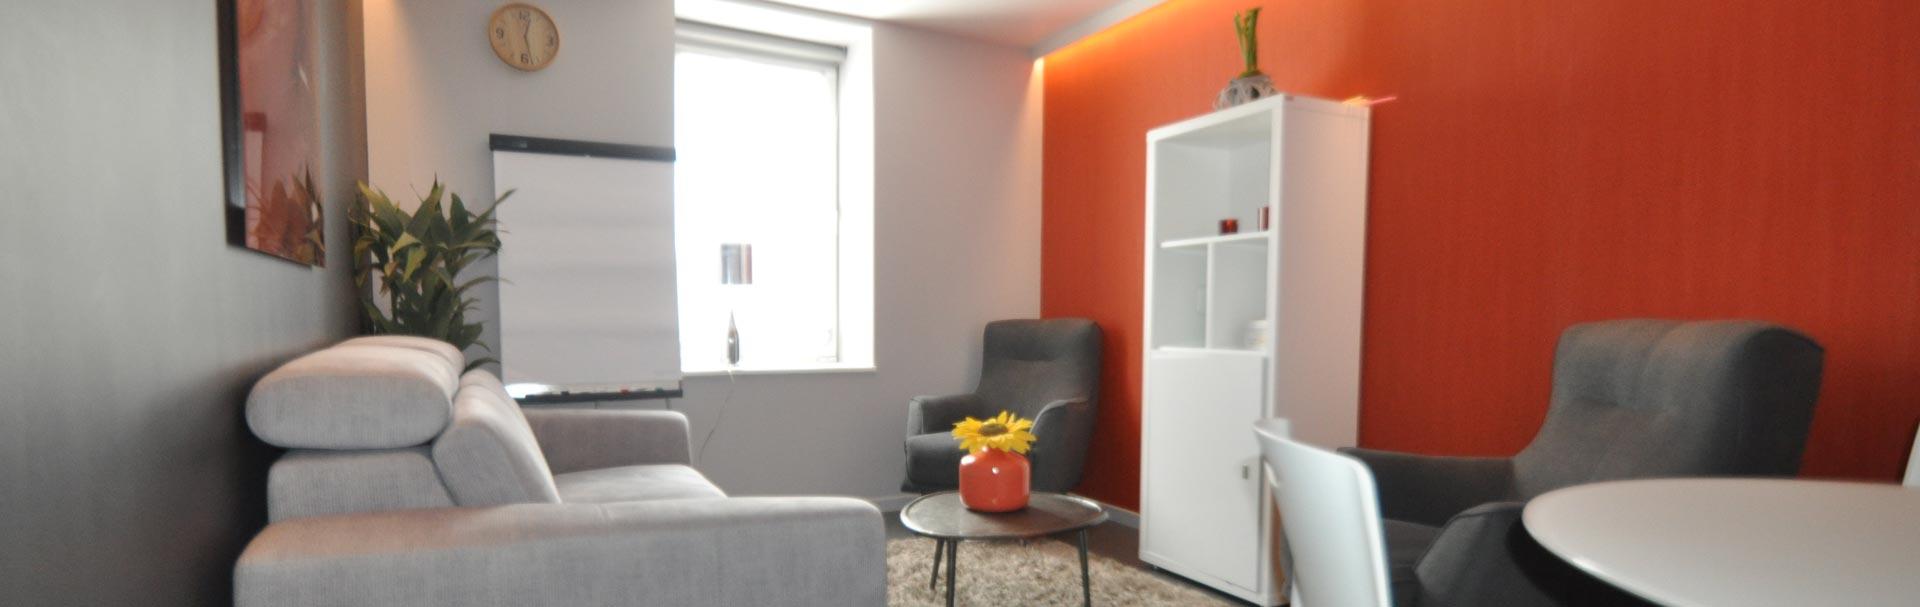 emisante.be EmiEspaces bureaux location